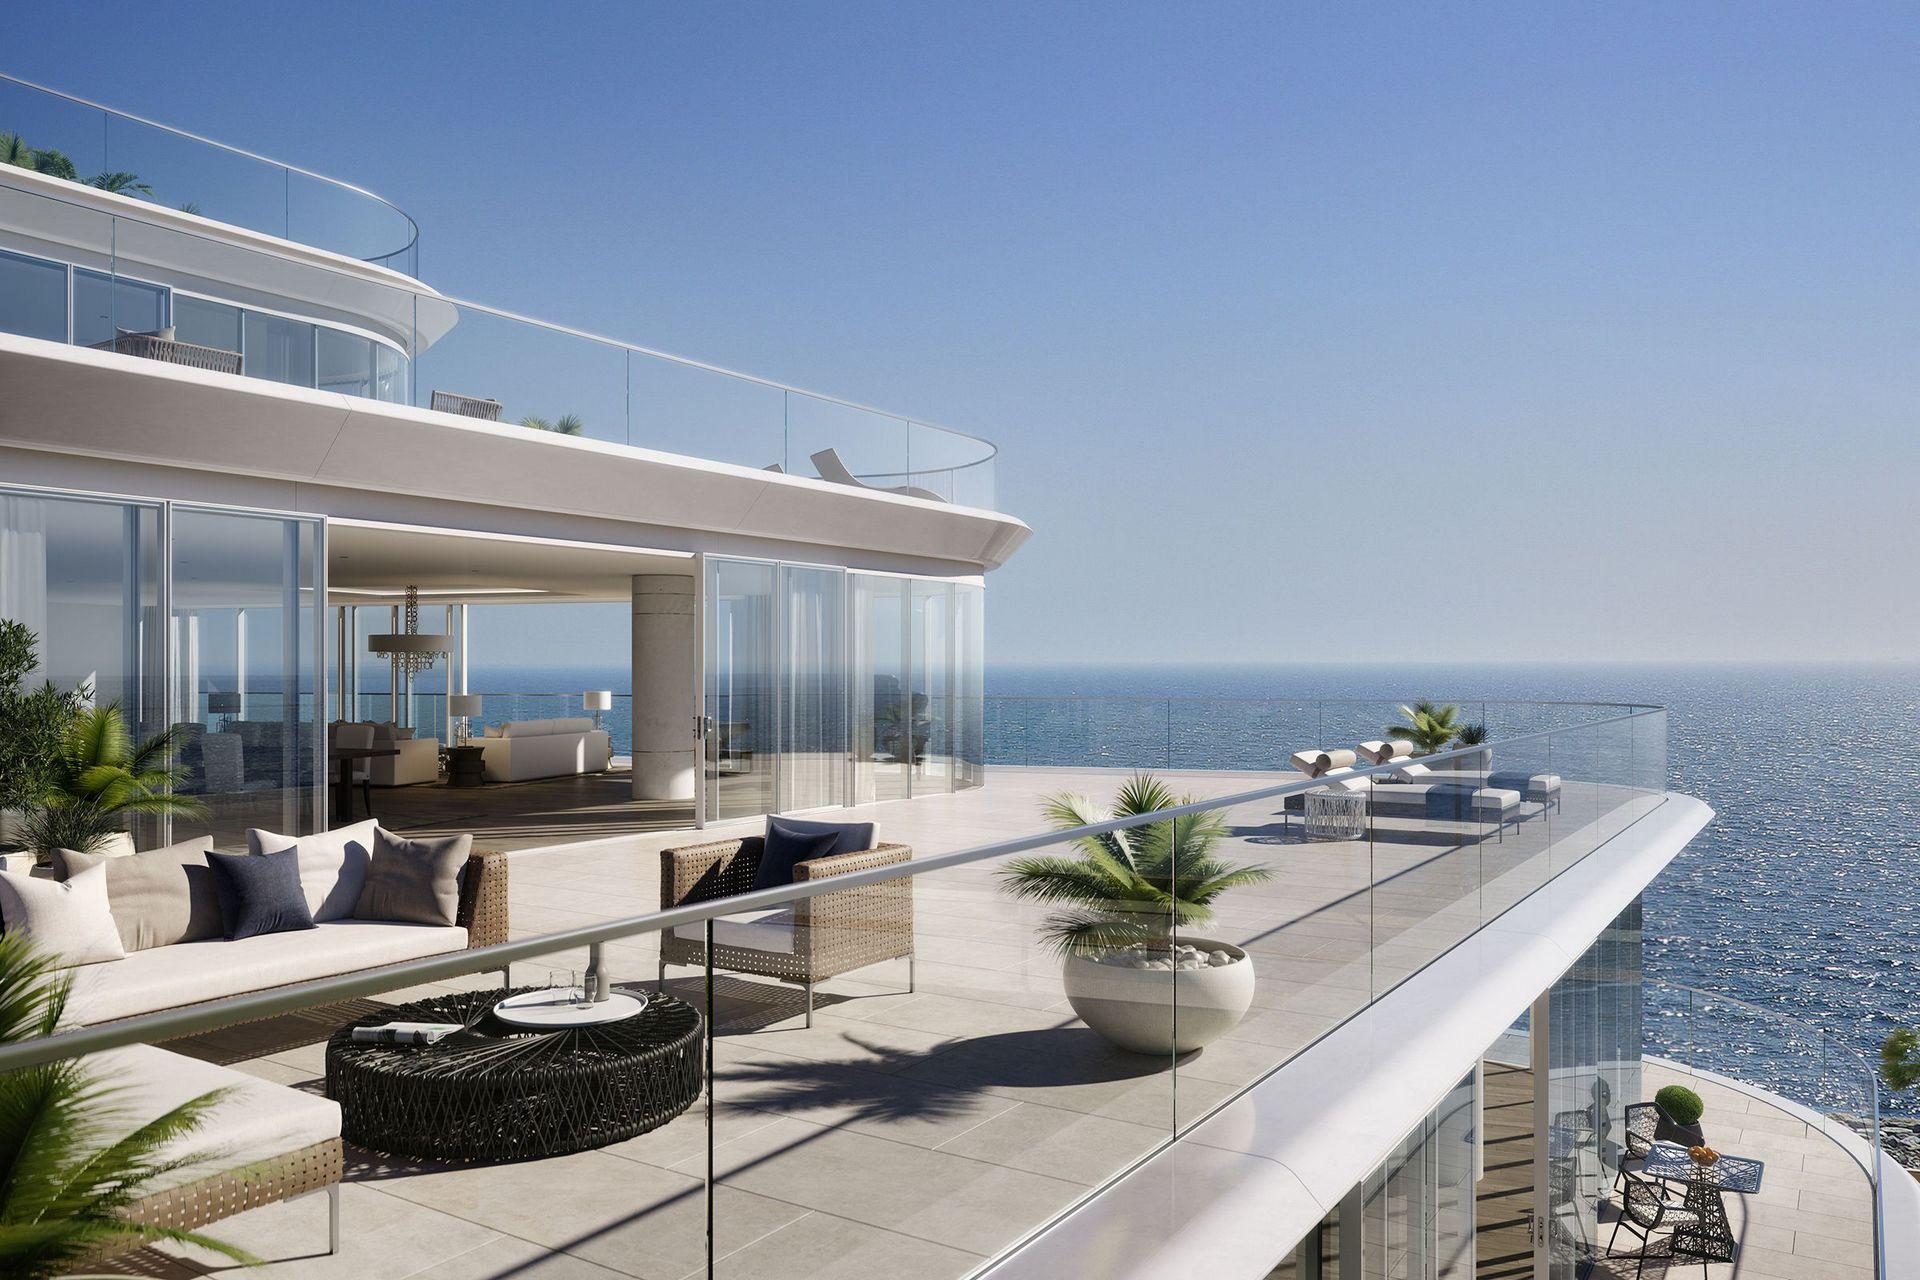 Ático en venta en Dubai, EAU, 4 dormitorios, 1138 m2, № 23890 – foto 4